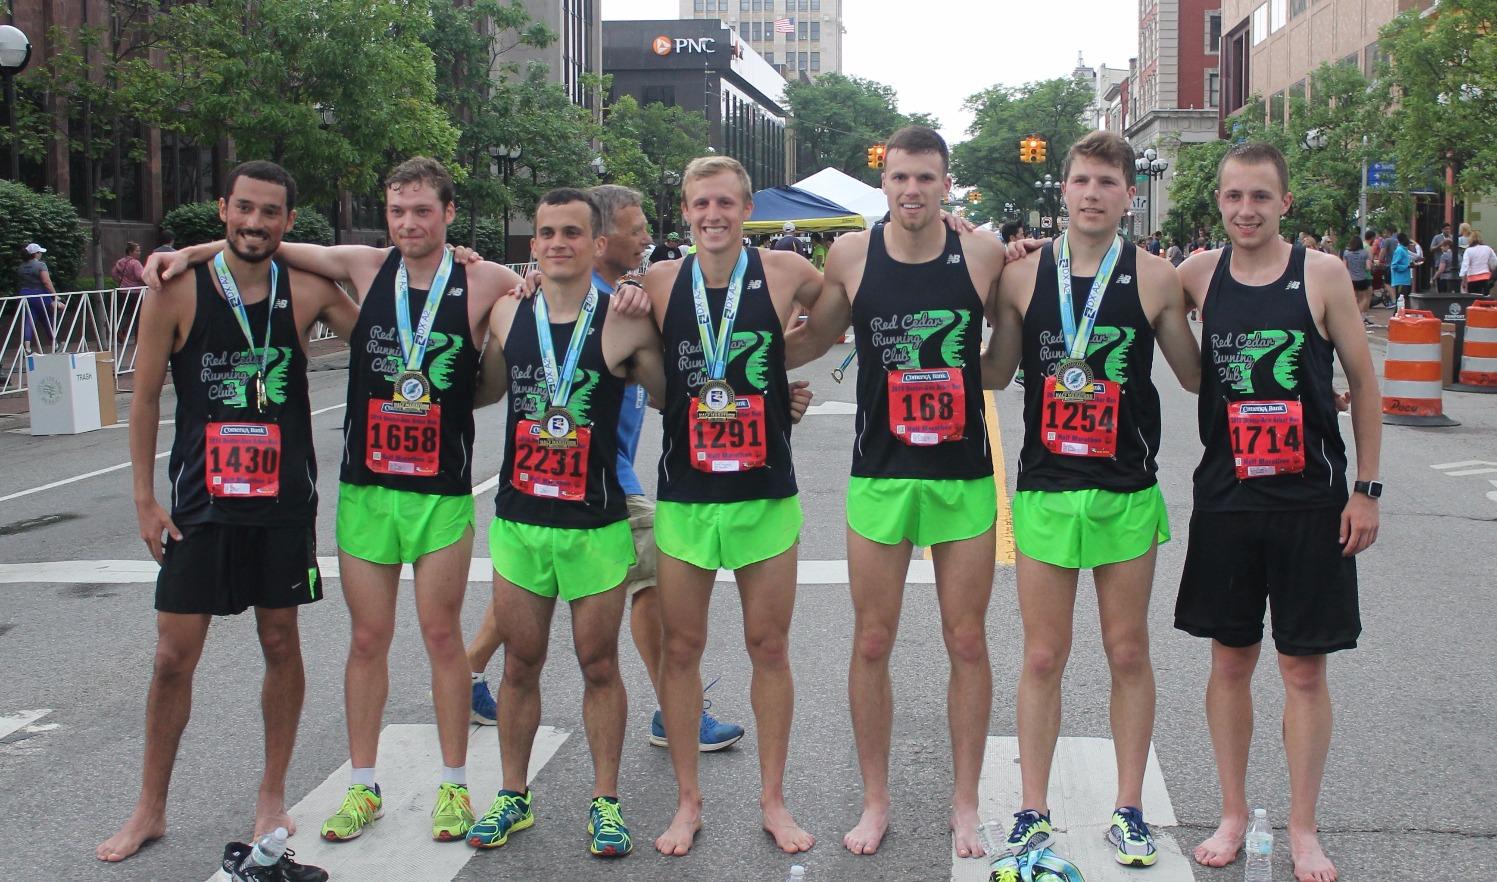 Dexter Ann Arbor Races Highlight the